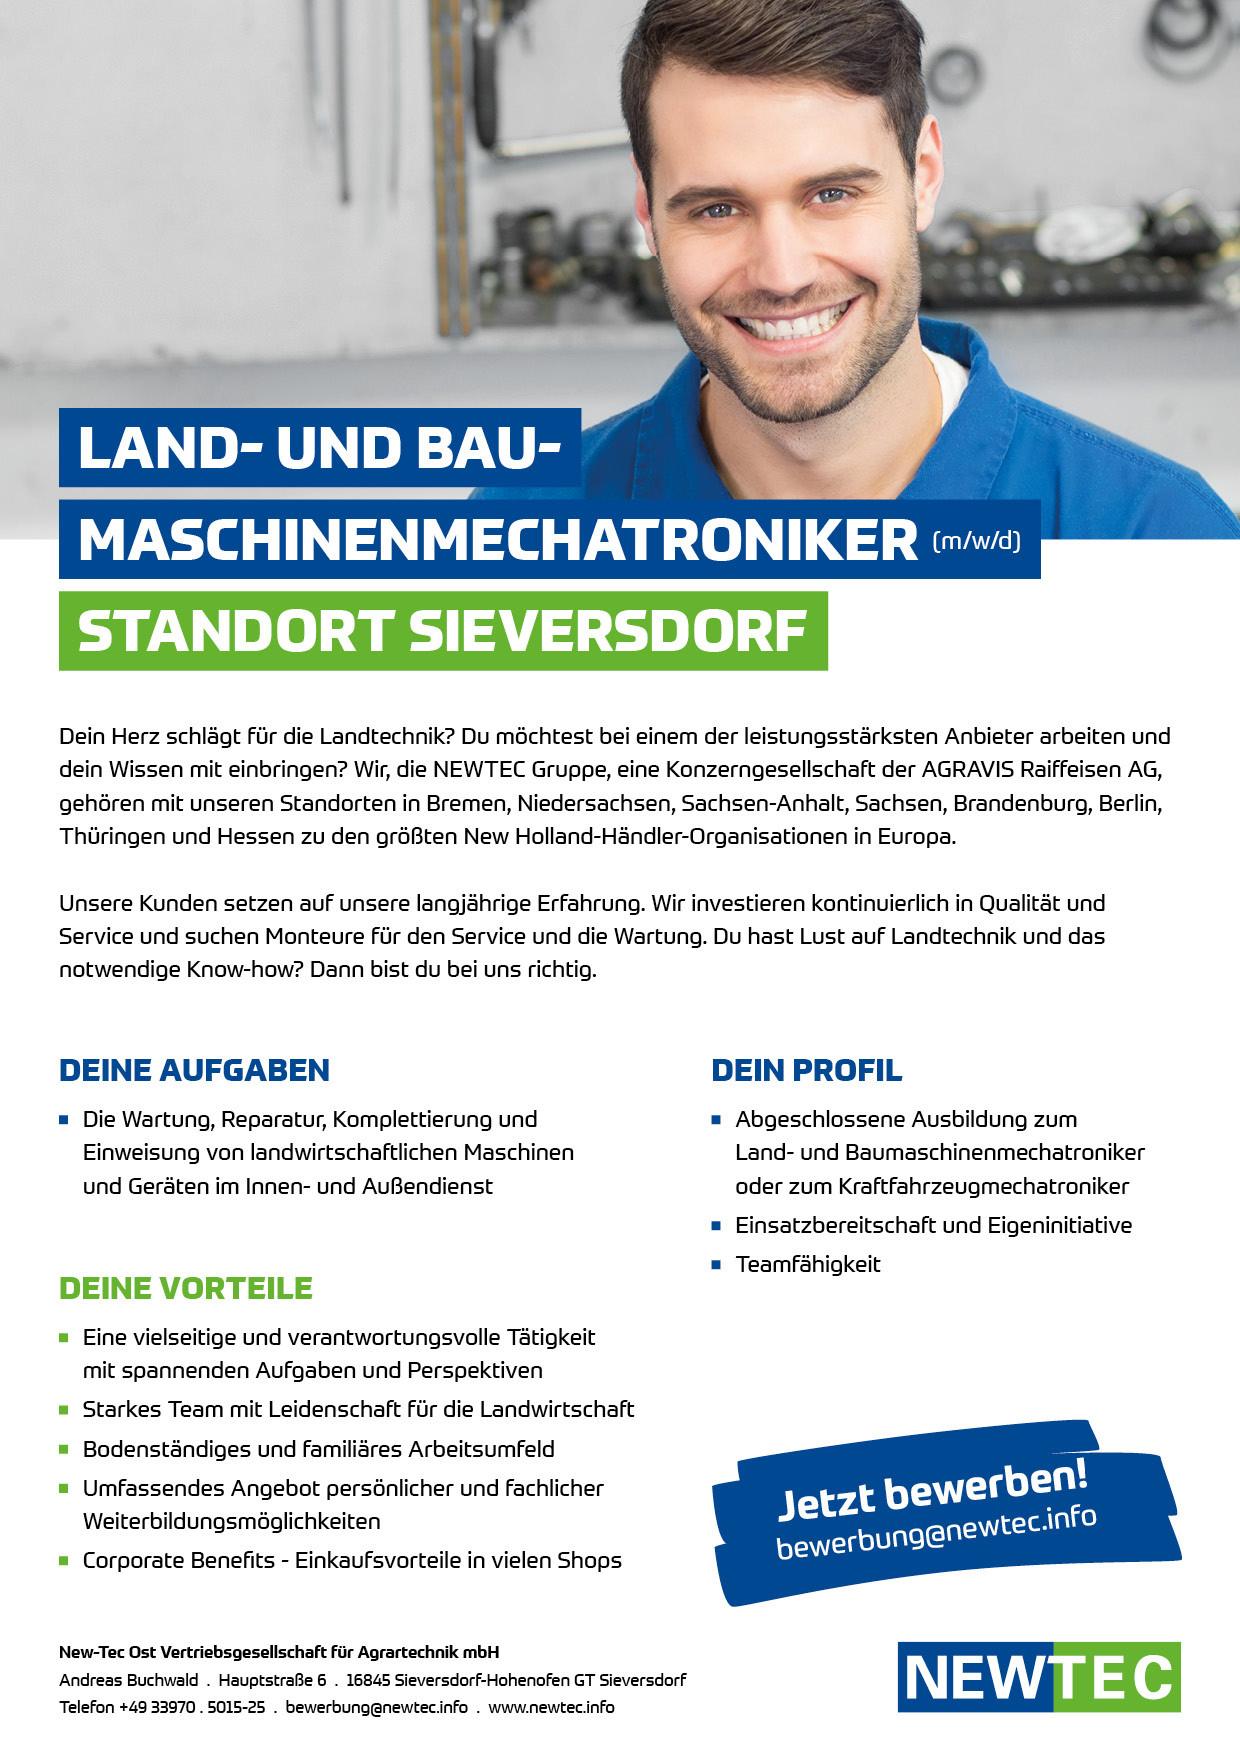 SCREEN_TE-NTOST-2021-29650_Stellenanzeige_Land-_und_Baumaschinenmechatroniker_Sieversdorf